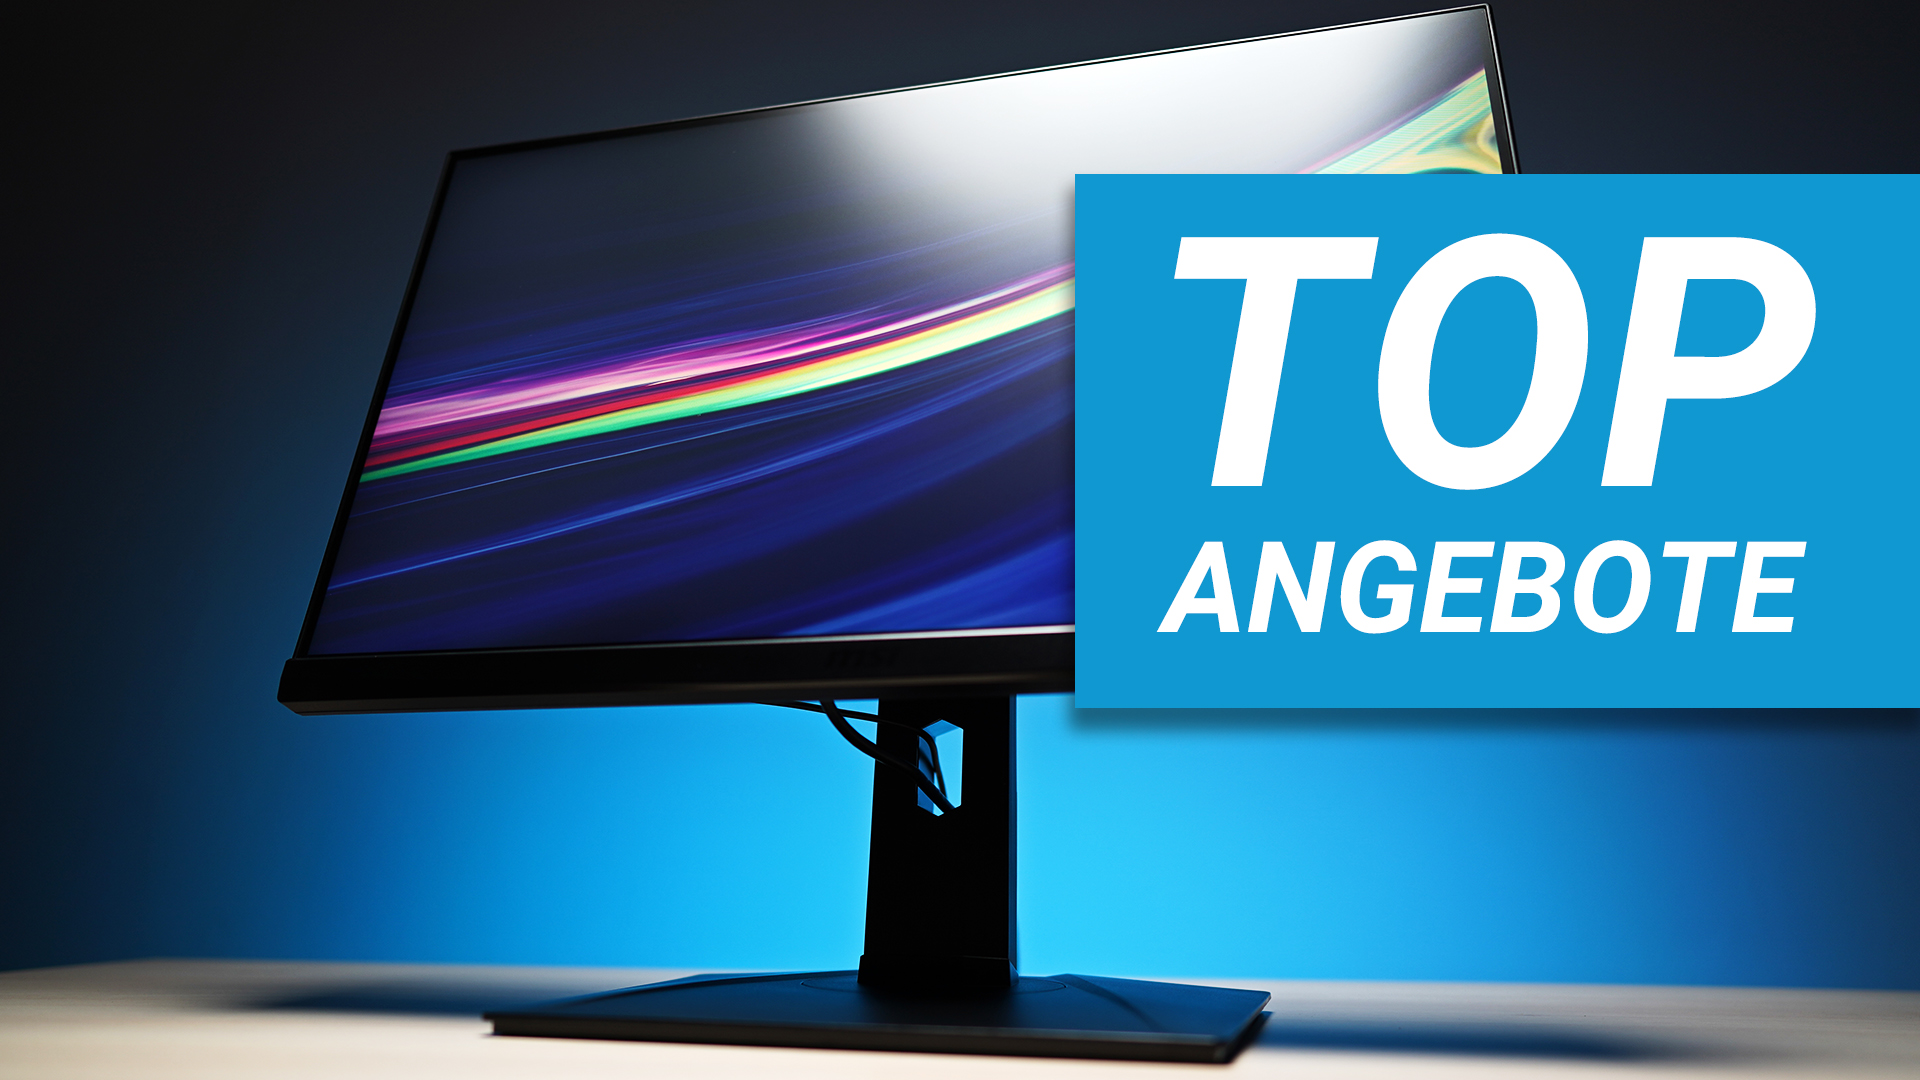 Top-Angebote für Monitore, Fernseher und Zubehör